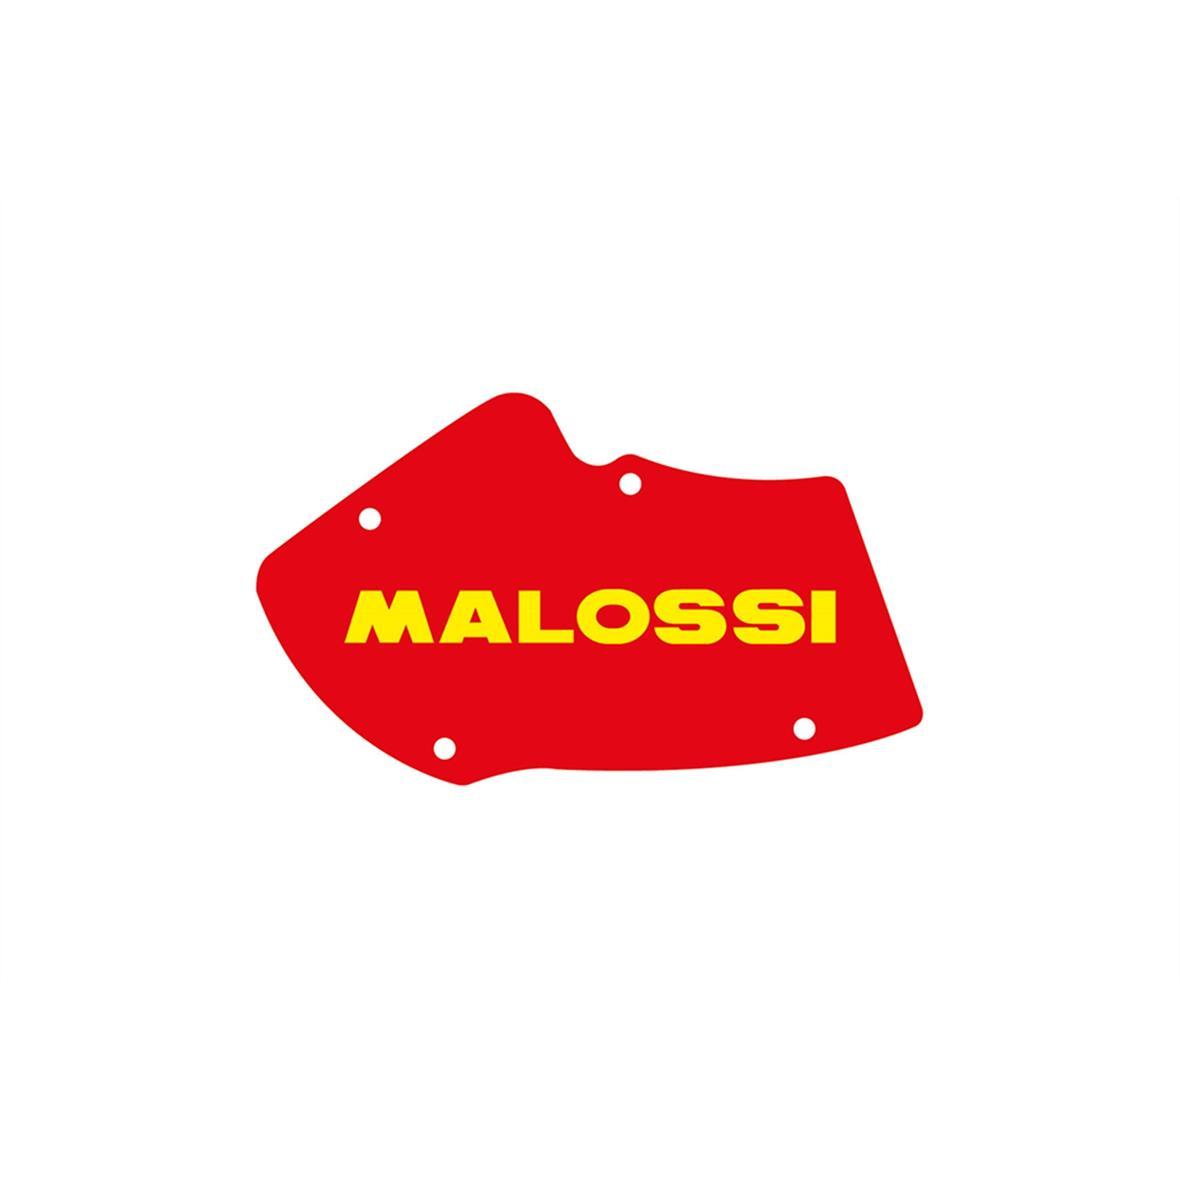 GILERA FUOCO 500 ie 4T LC euro 3 Luftfiltereinsatz MALOSSI Red Sponge